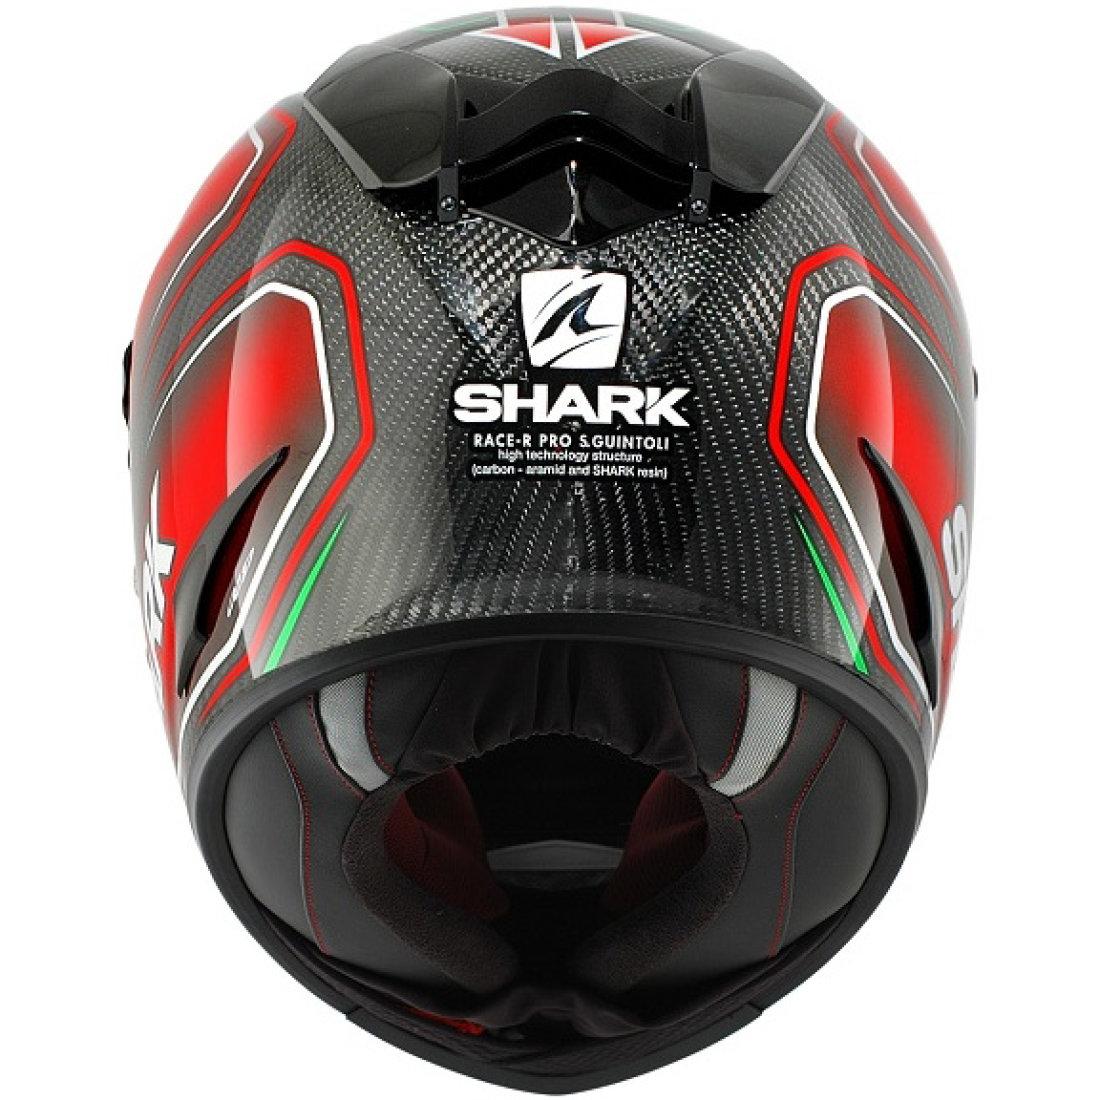 casque shark race r pro carbon guintoli n r v motocard. Black Bedroom Furniture Sets. Home Design Ideas